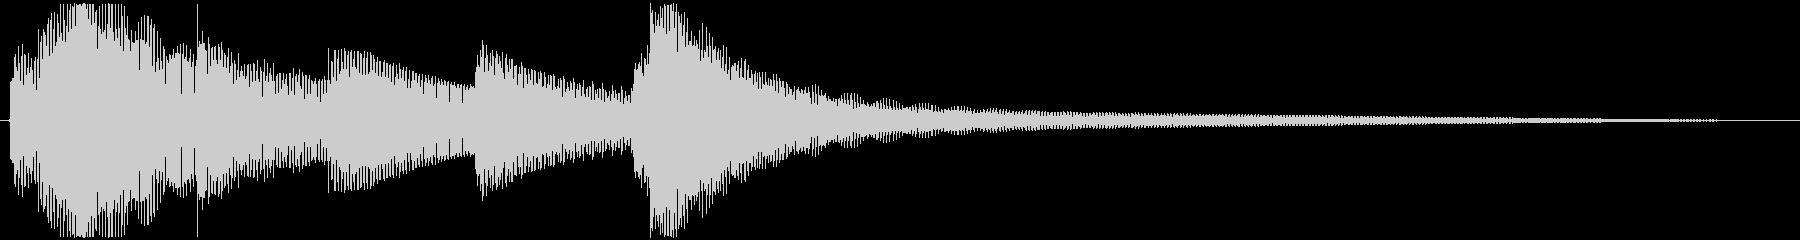 ゲームオーバー・回復などに使えるジングルの未再生の波形